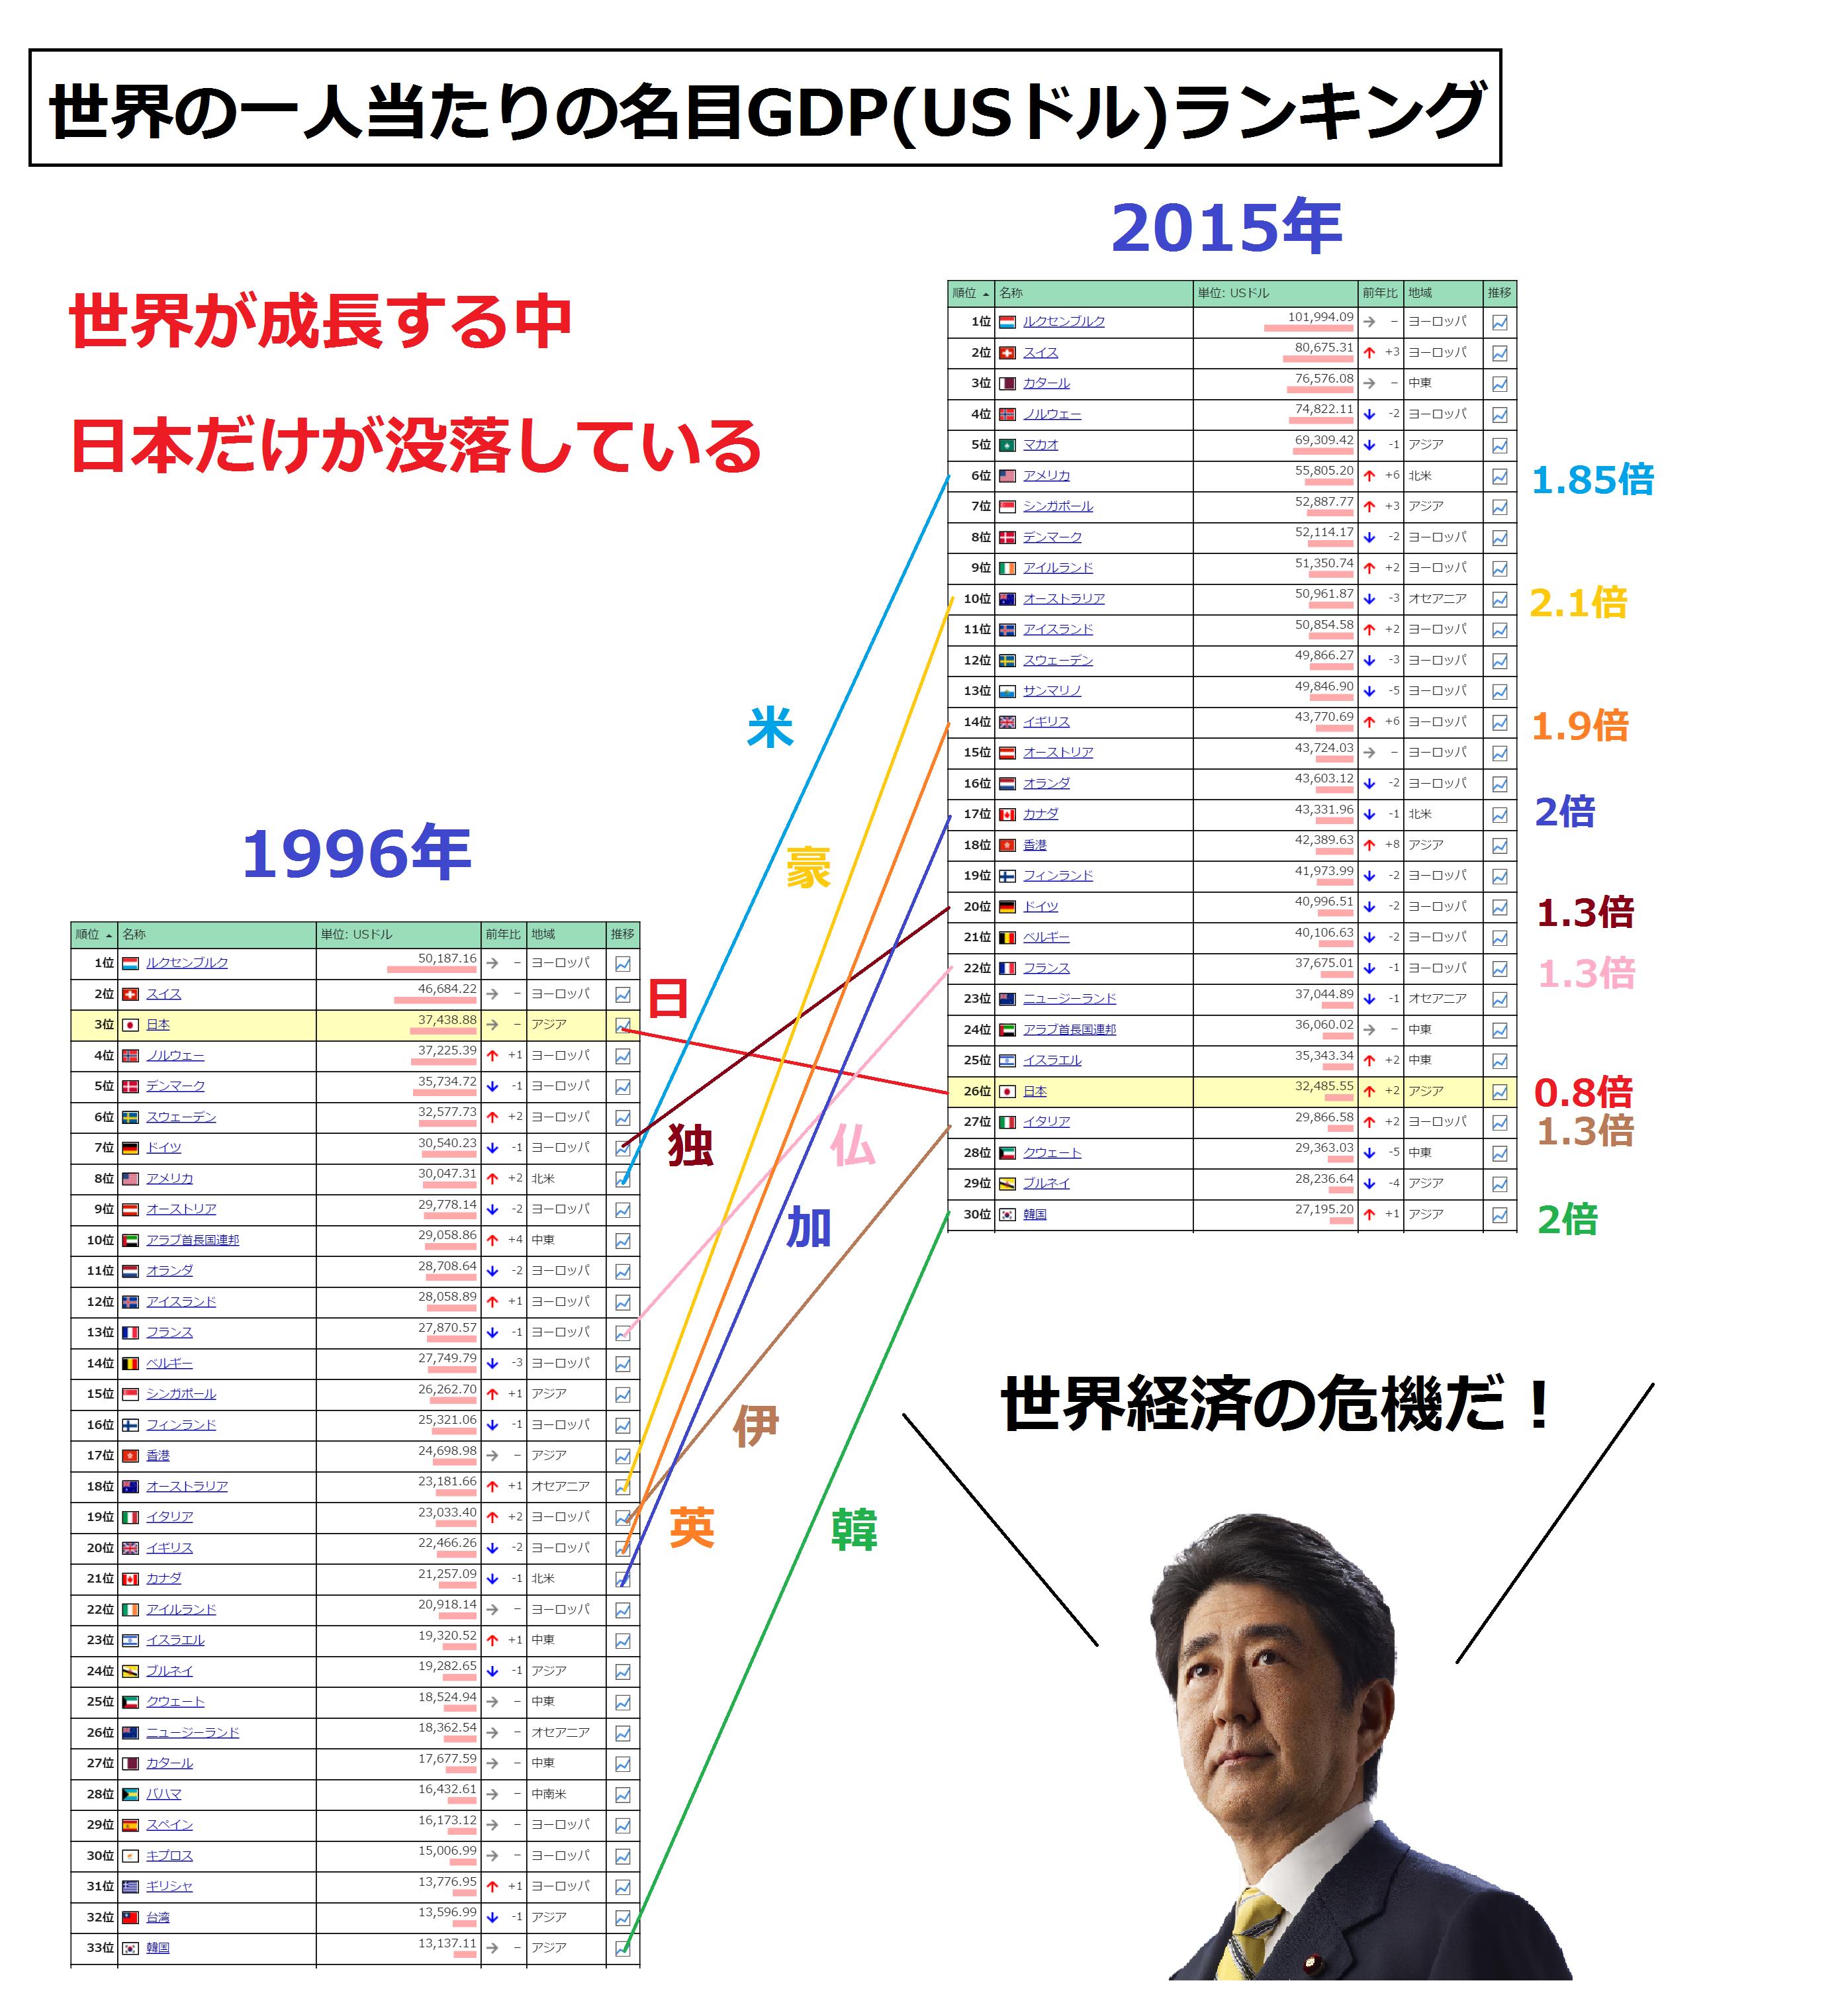 f:id:JAPbuster:20160526235404p:plain